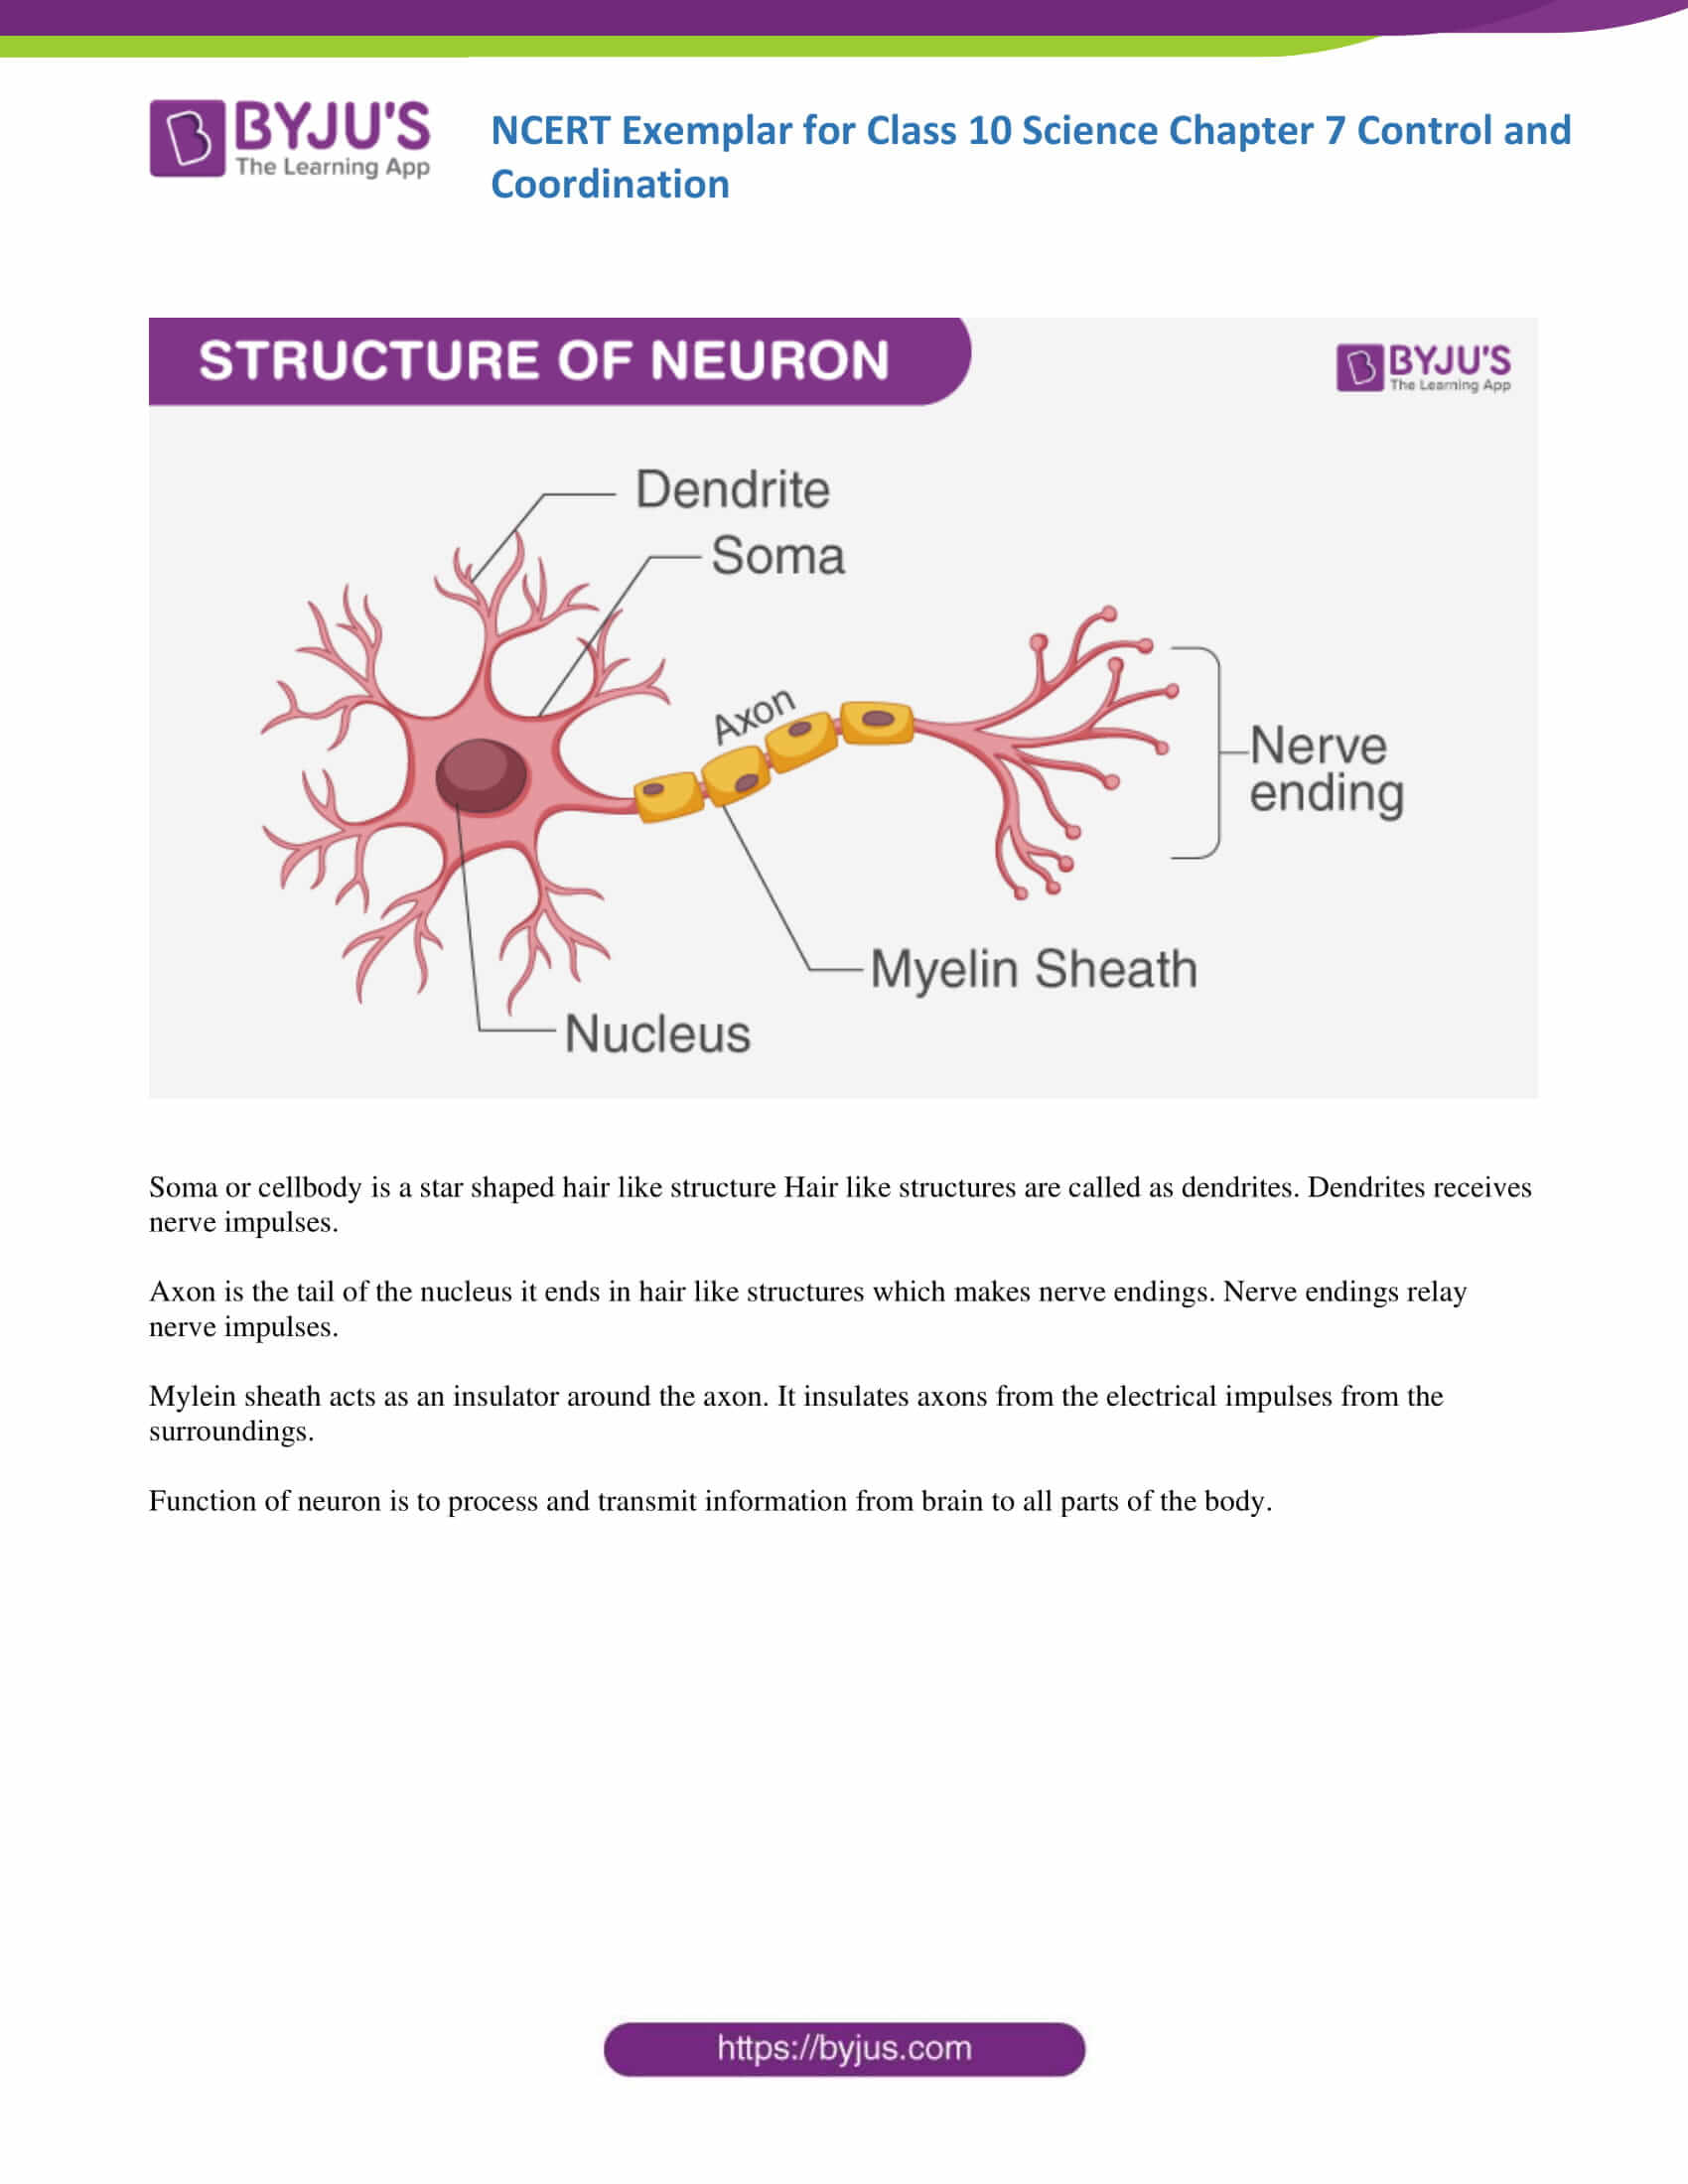 NCERT Exemplar solution class 10 Science Chapter 7 part 17